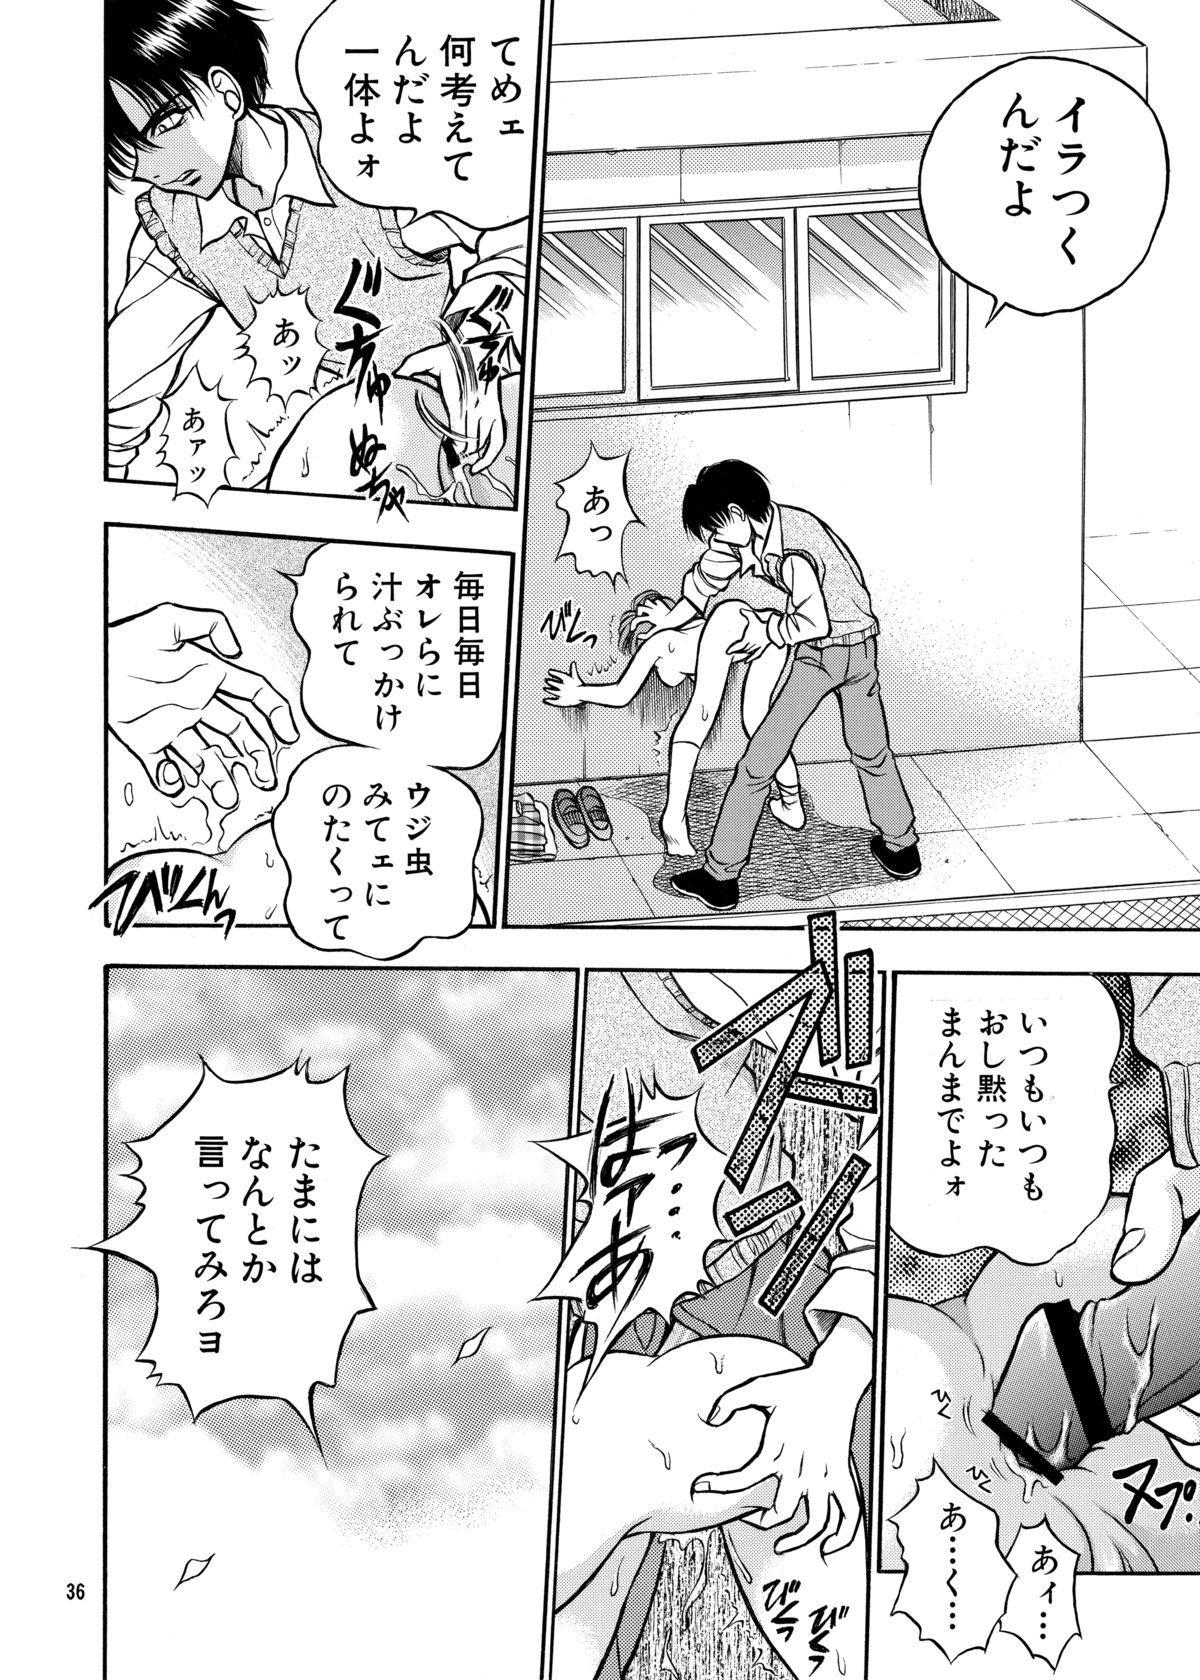 ココロノママニ 厩戸王子商業作品再録本 34